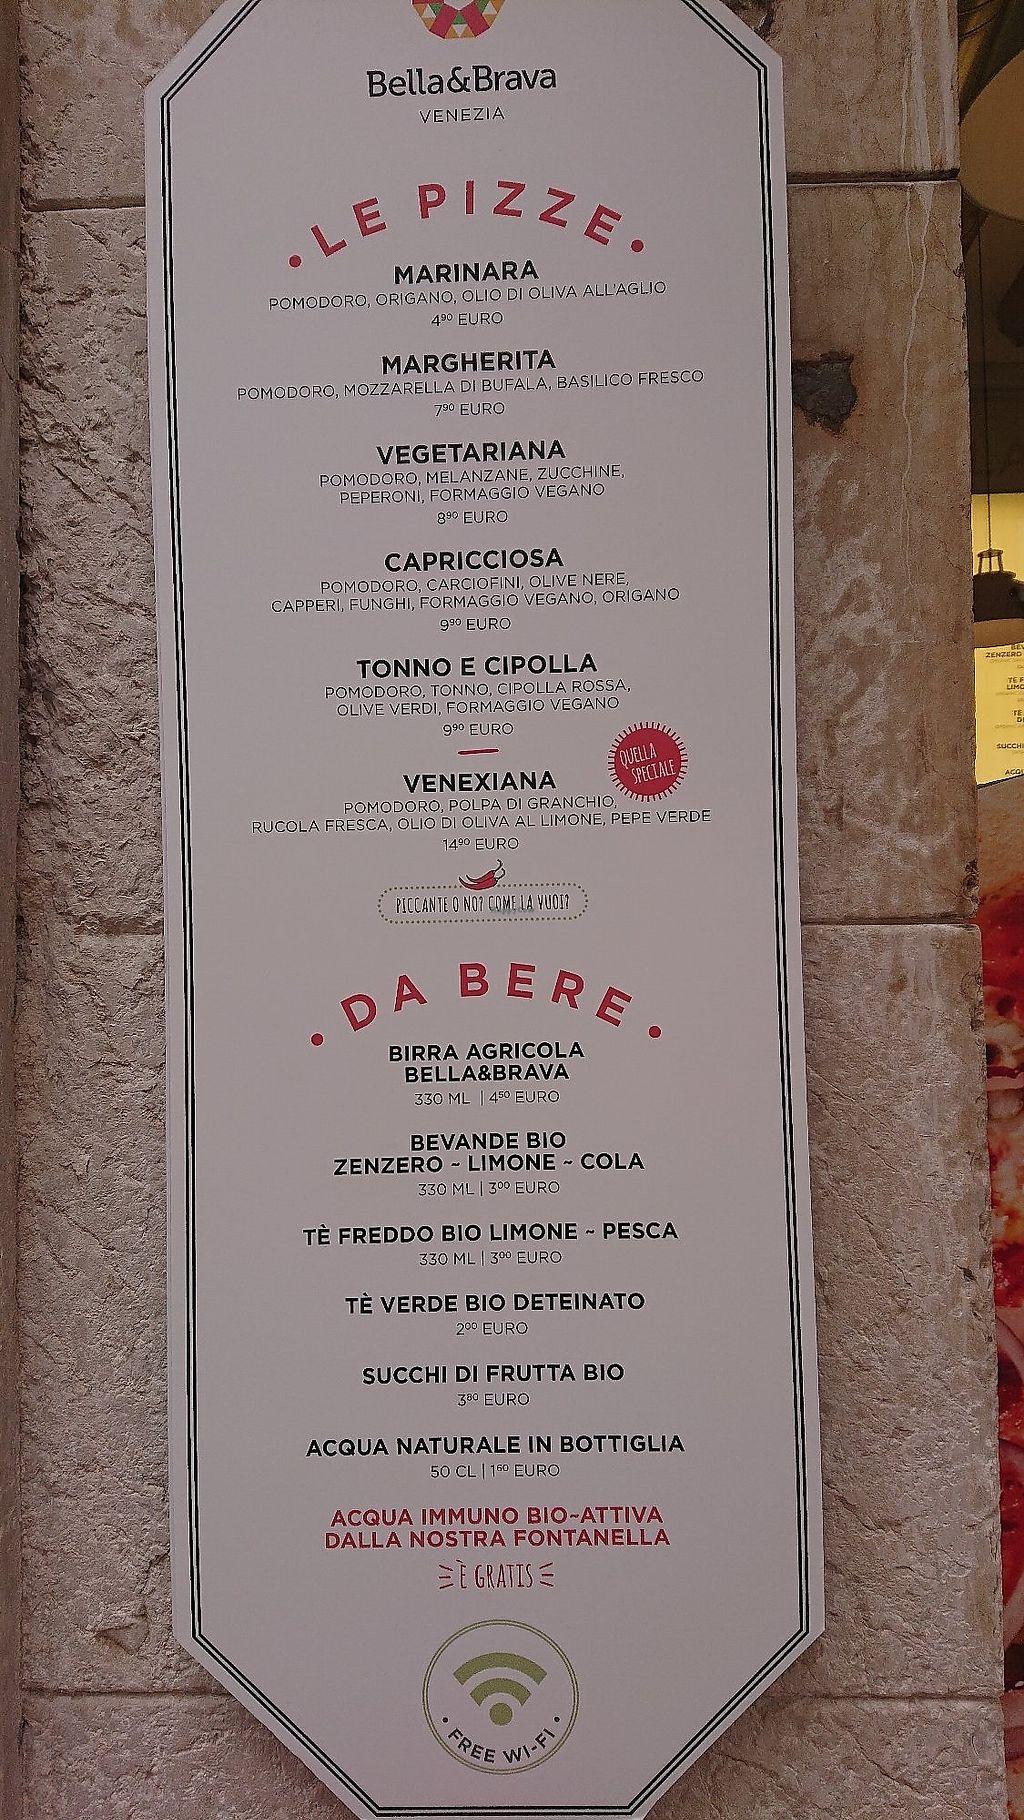 Bella Brava Venice Restaurant Happycow